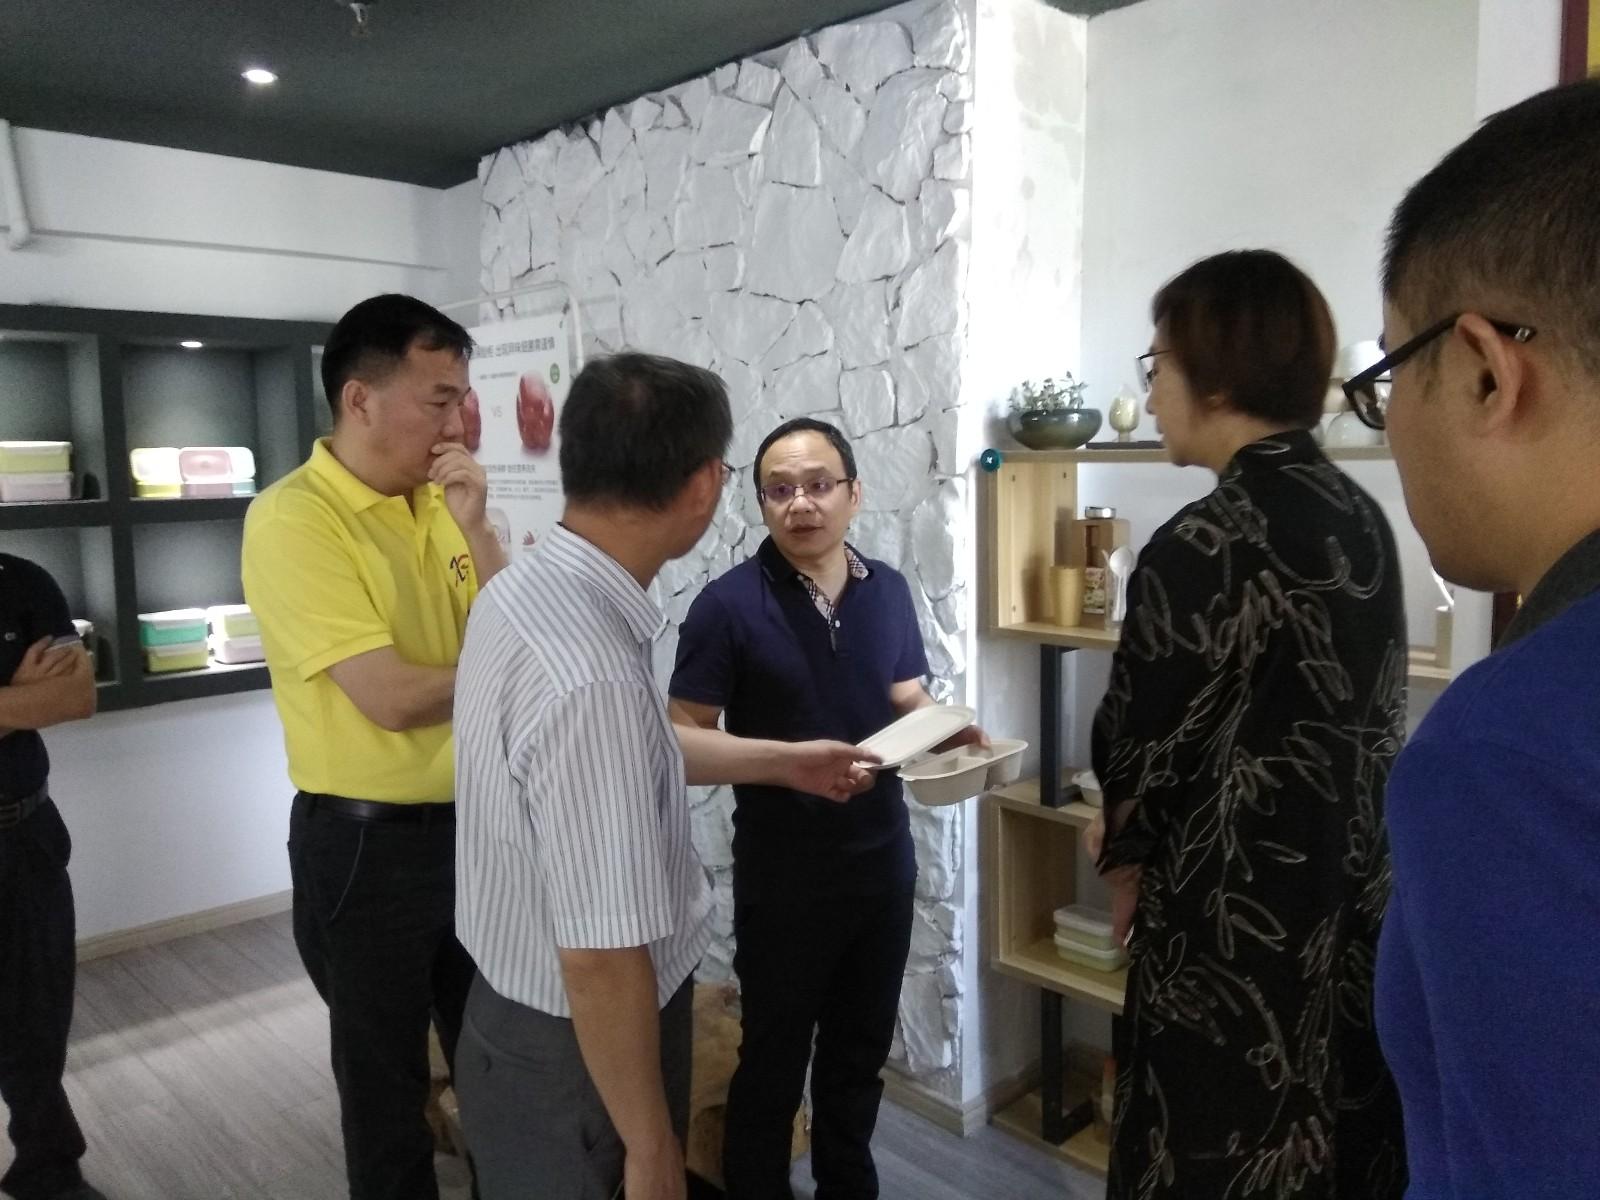 中国塑协降解塑料专委会翁云宣秘书长来我公司调研指导工作:生物降解塑料增性能、降成本迫在眉睫!